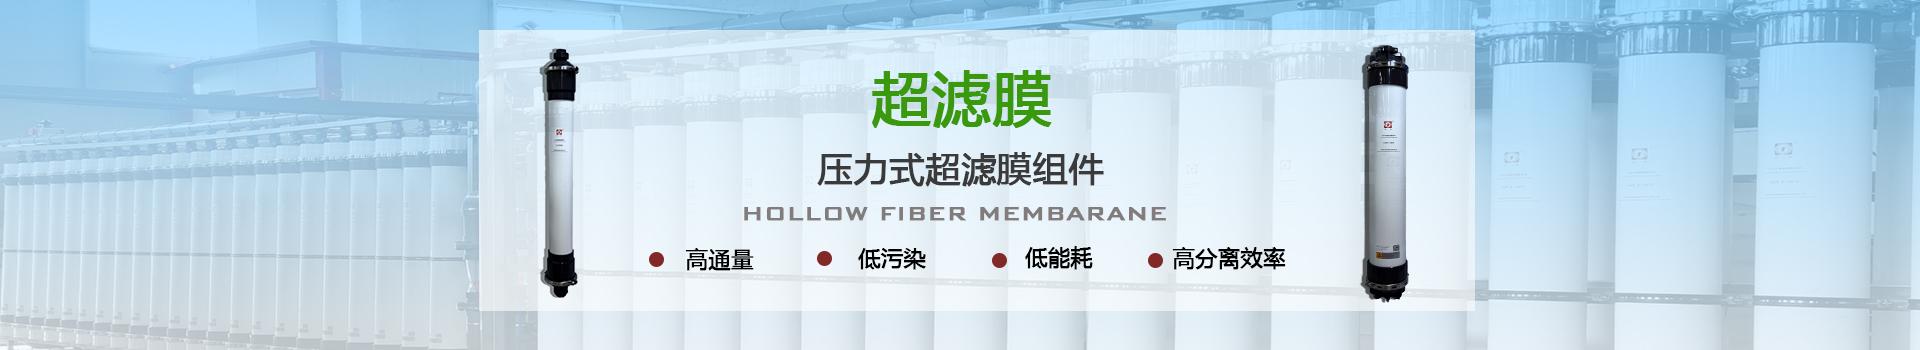 超滤膜banner图3